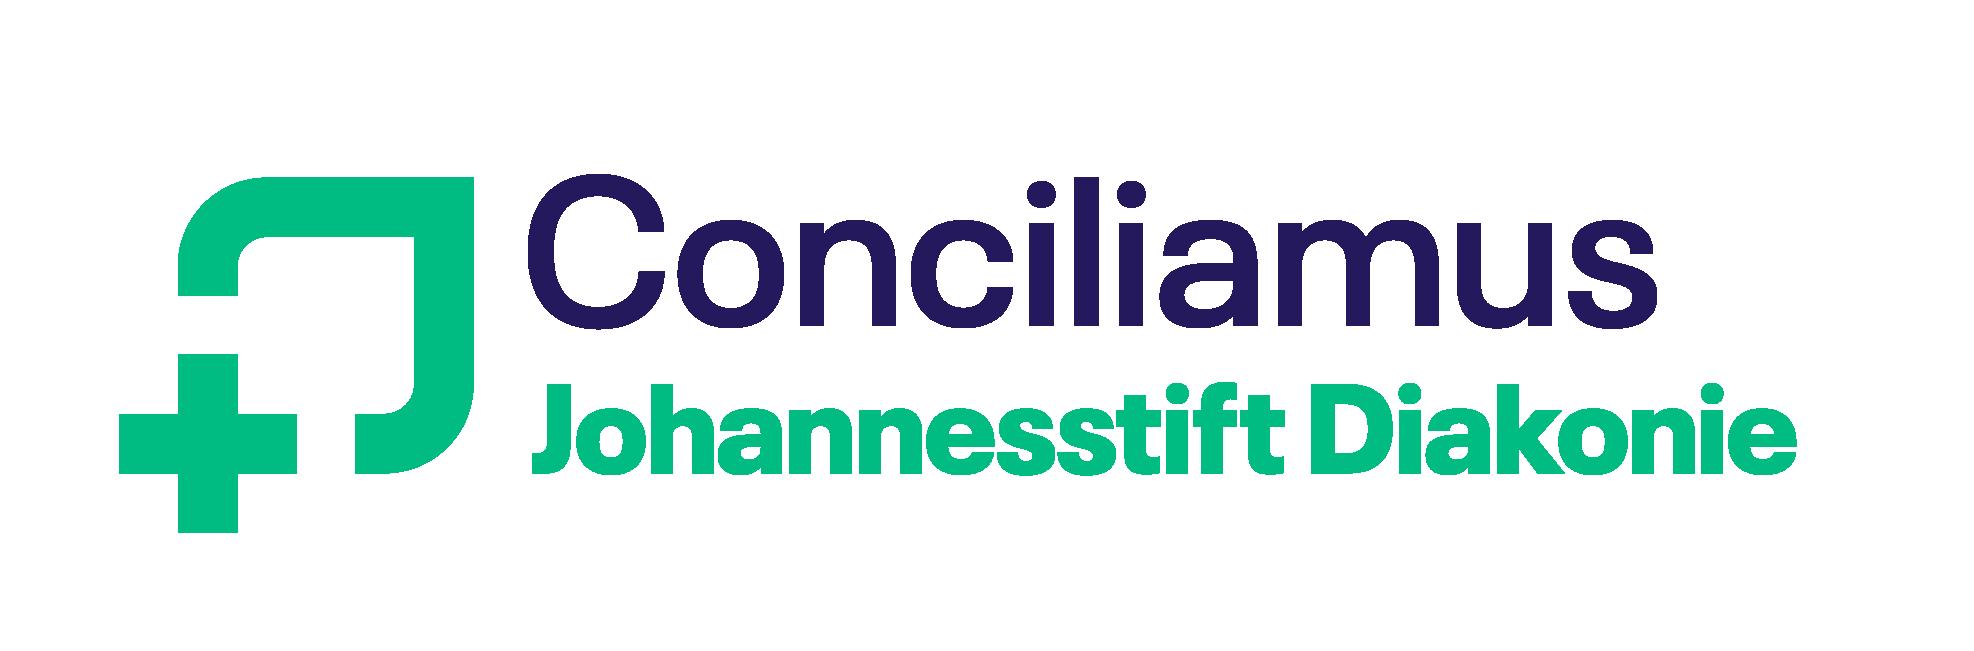 Logo: Conciliamus